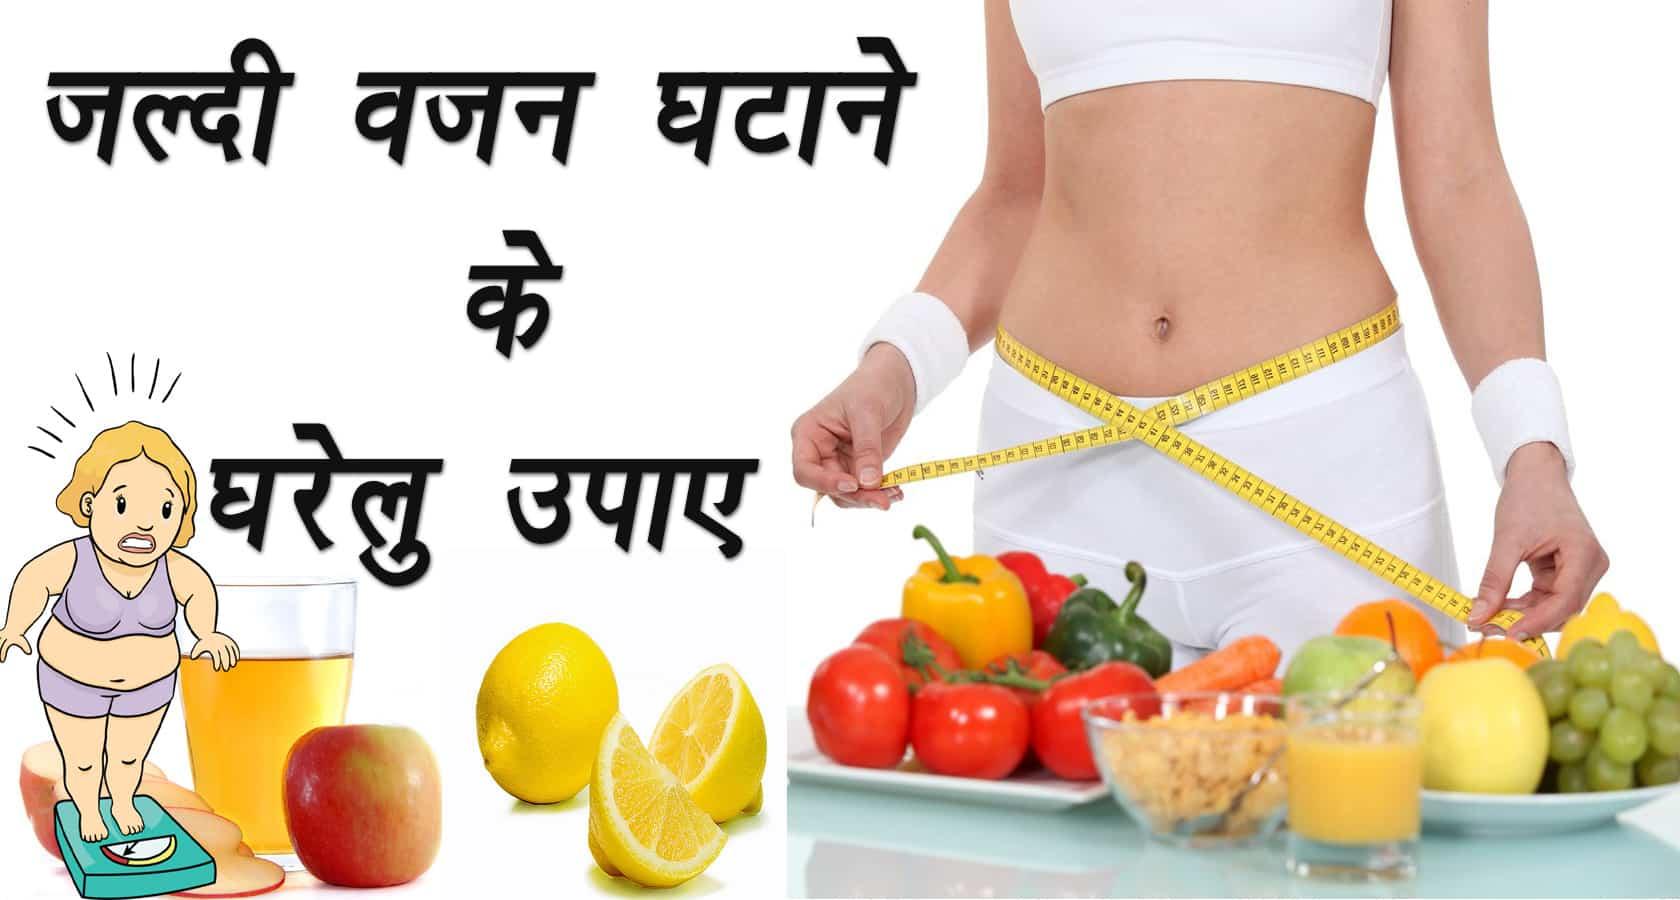 वजन कम के उपाय वेट लॉस टिप्स वजन कम करने के उपाय, वेट कम करने के नुस्खे